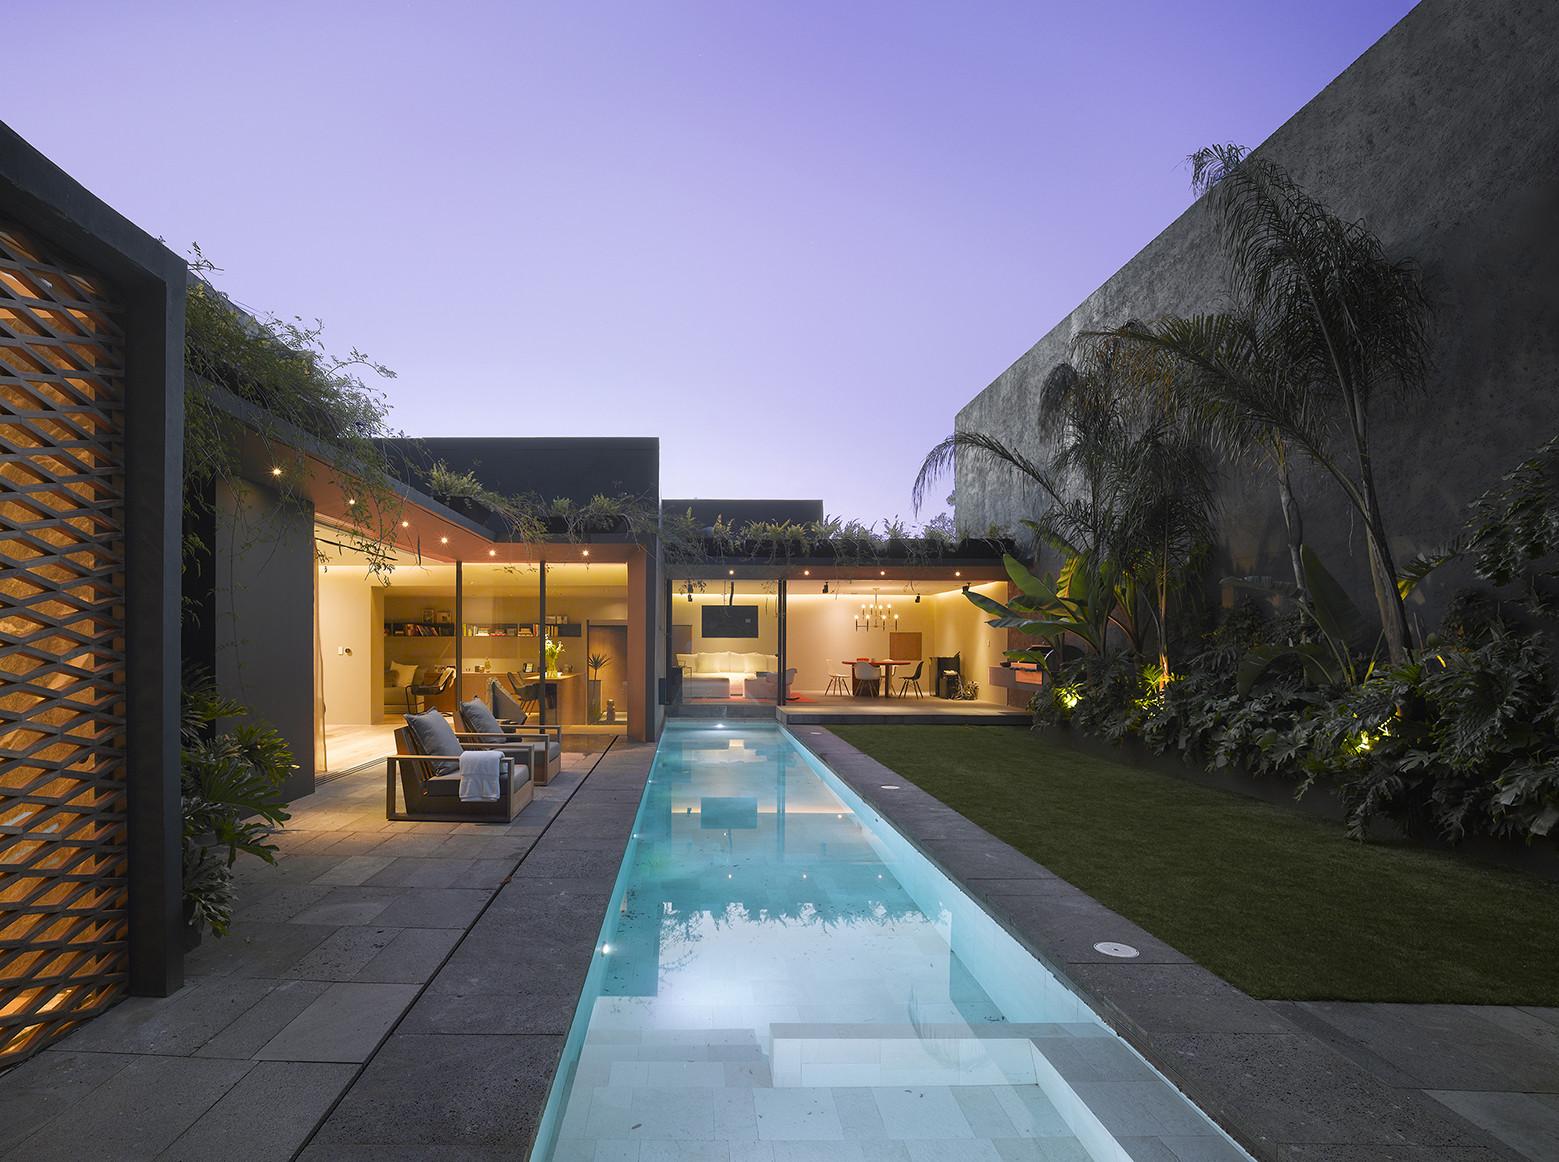 The Barrancas House / EZEQUIELFARCA arquitectura y diseño, © Roland Halbe